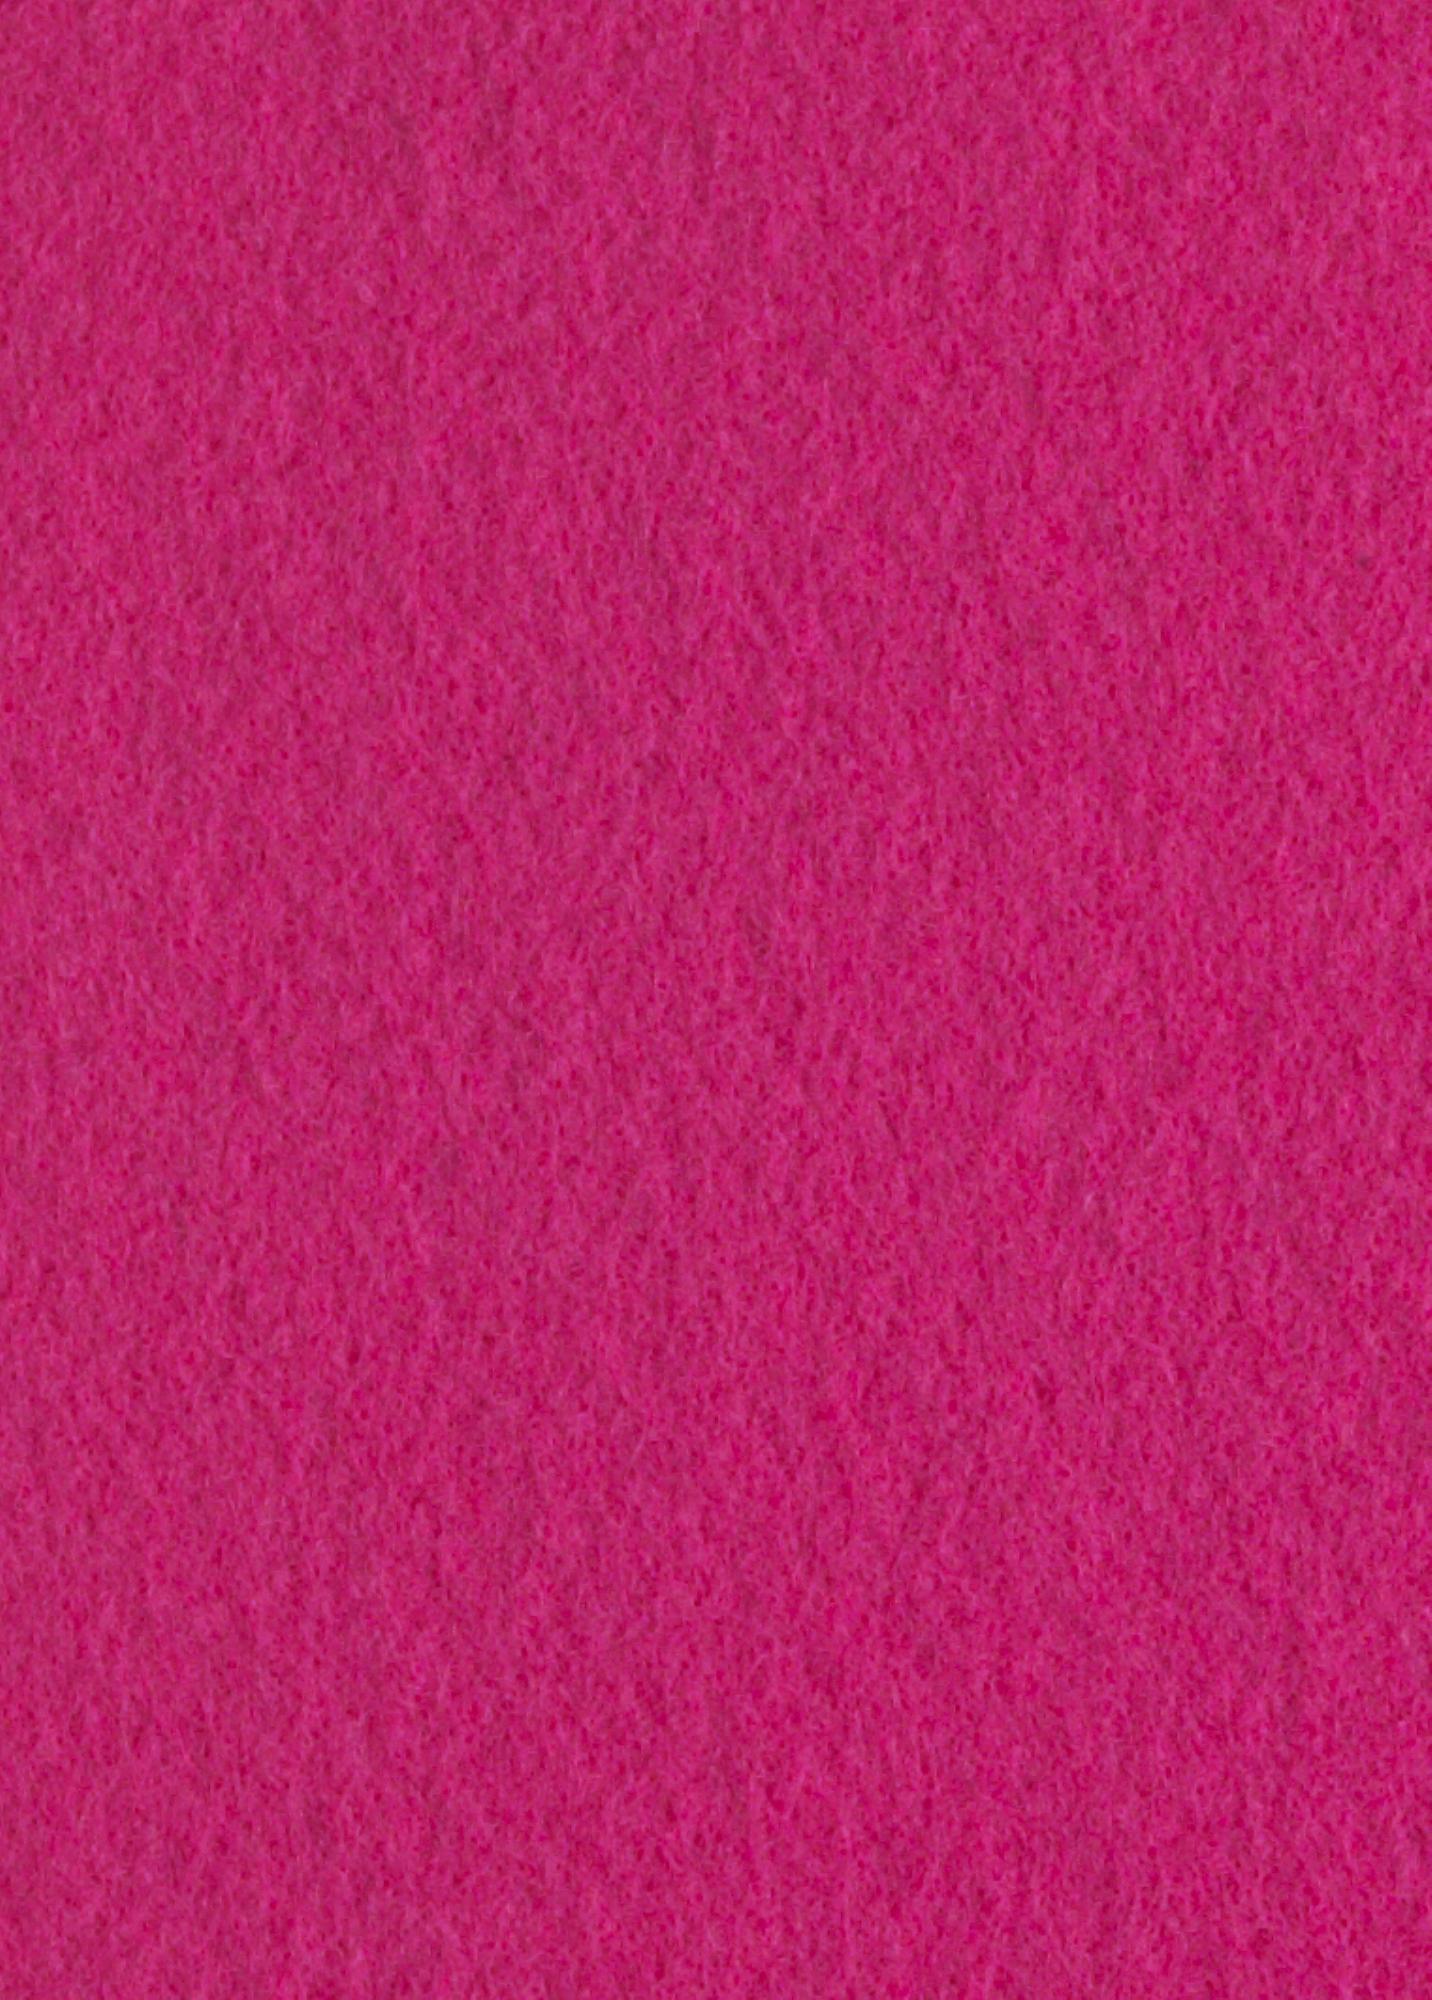 Pink Løber